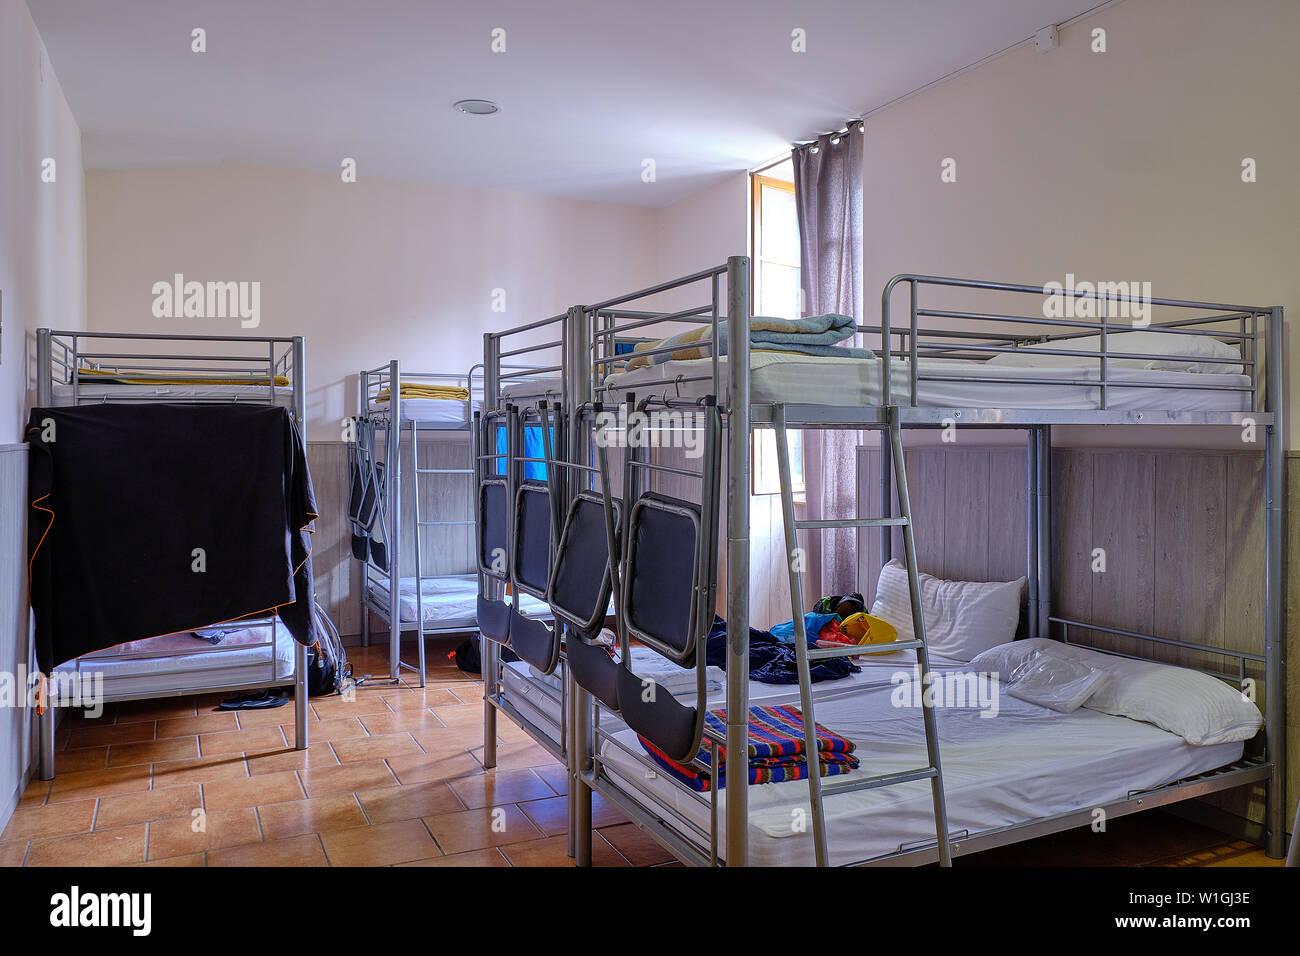 Letti A Castello Per Ostelli.Bunk Hostel Immagini Bunk Hostel Fotos Stock Alamy